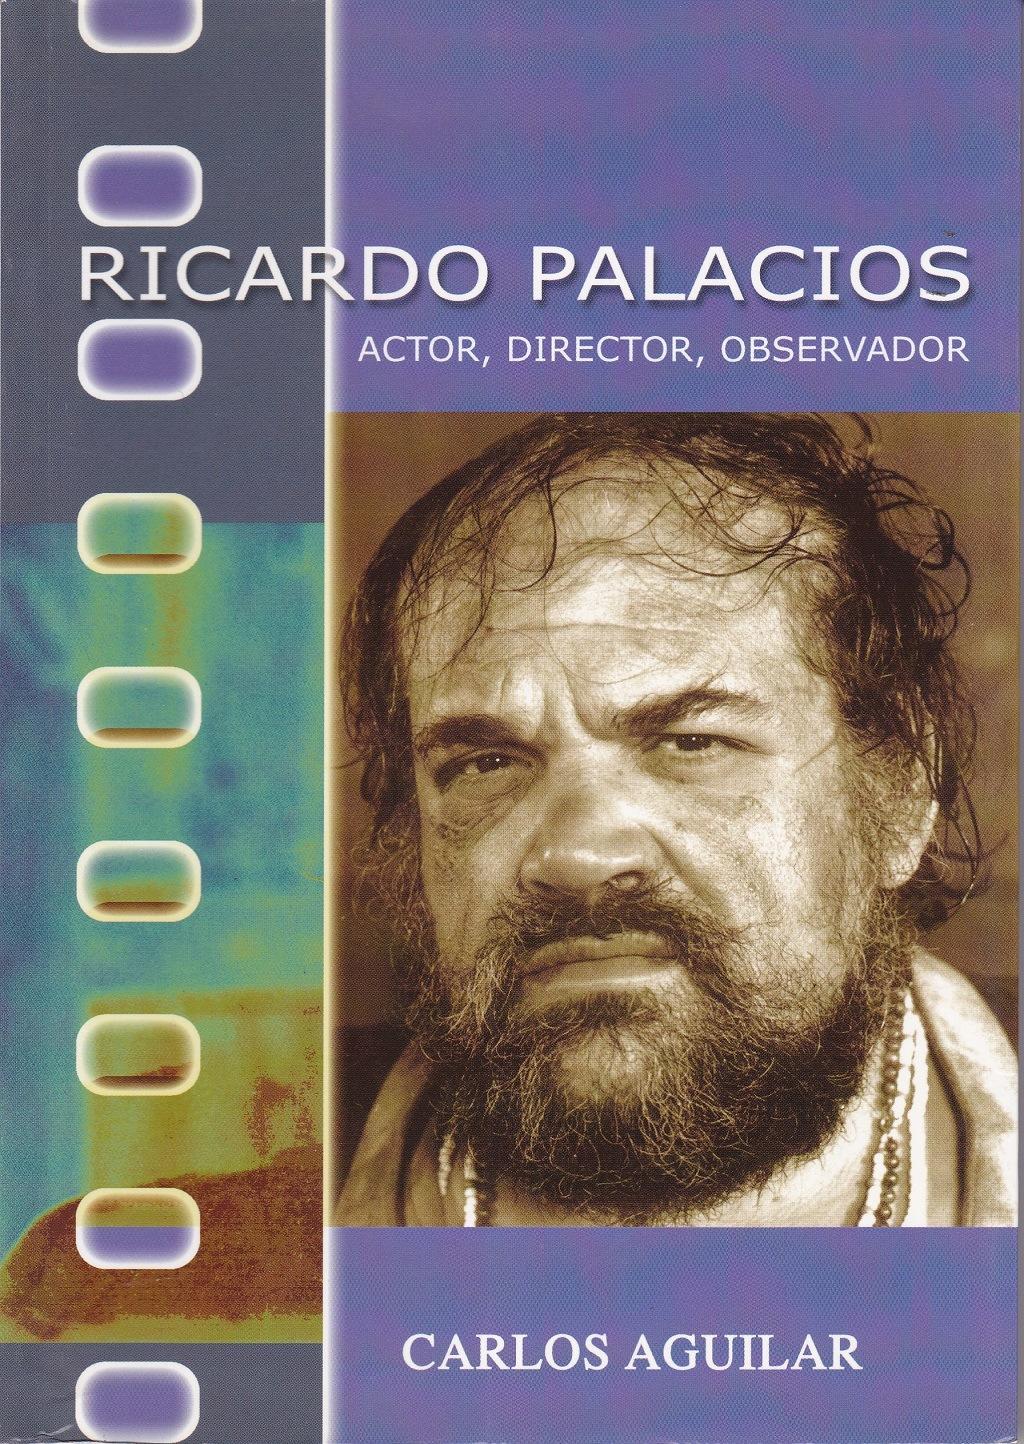 [Second rôle] Ricardo Palacios Palaci10